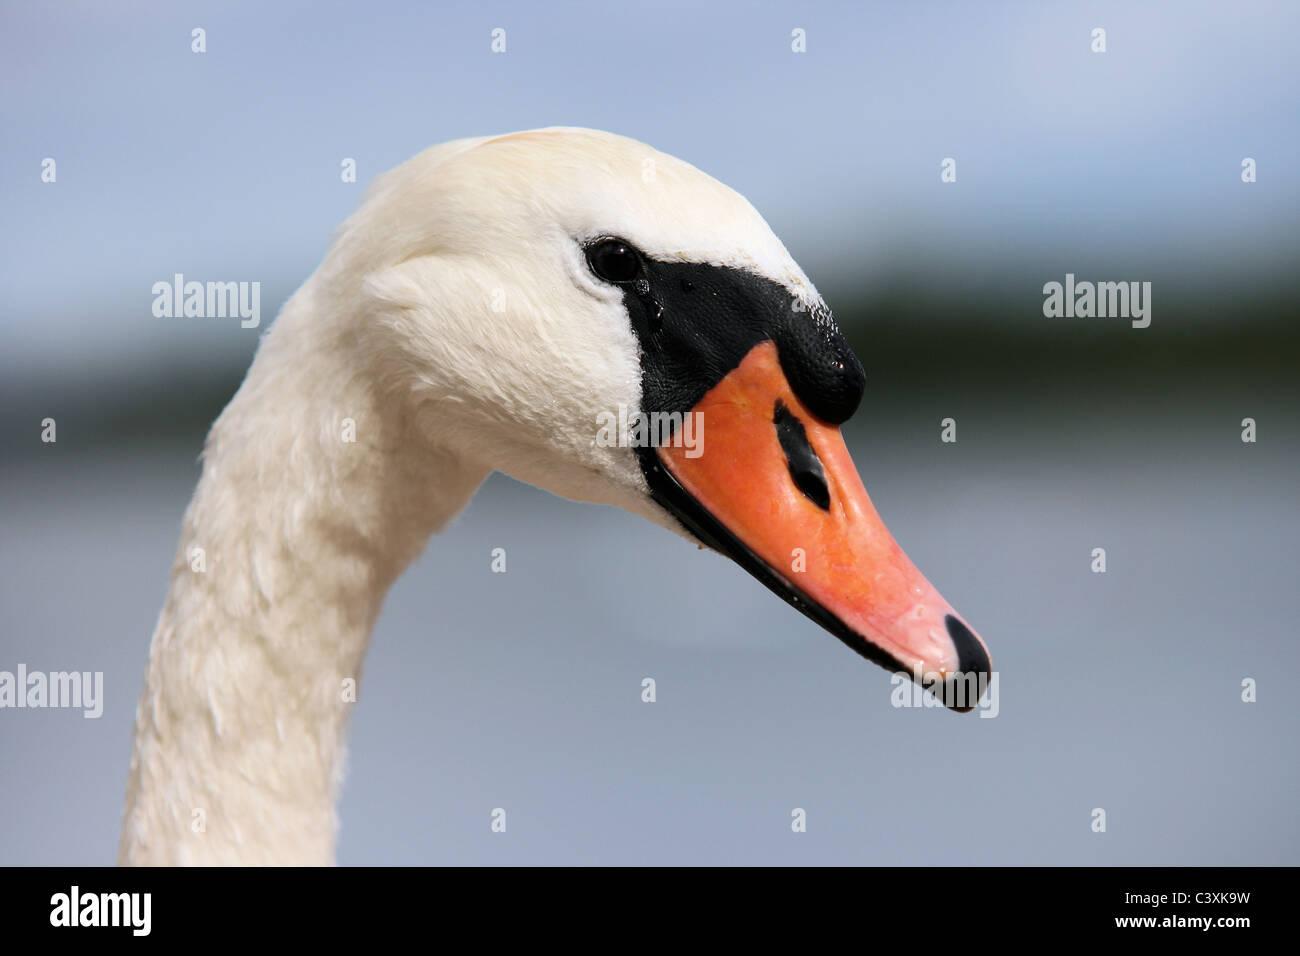 Mute swan - Stock Image